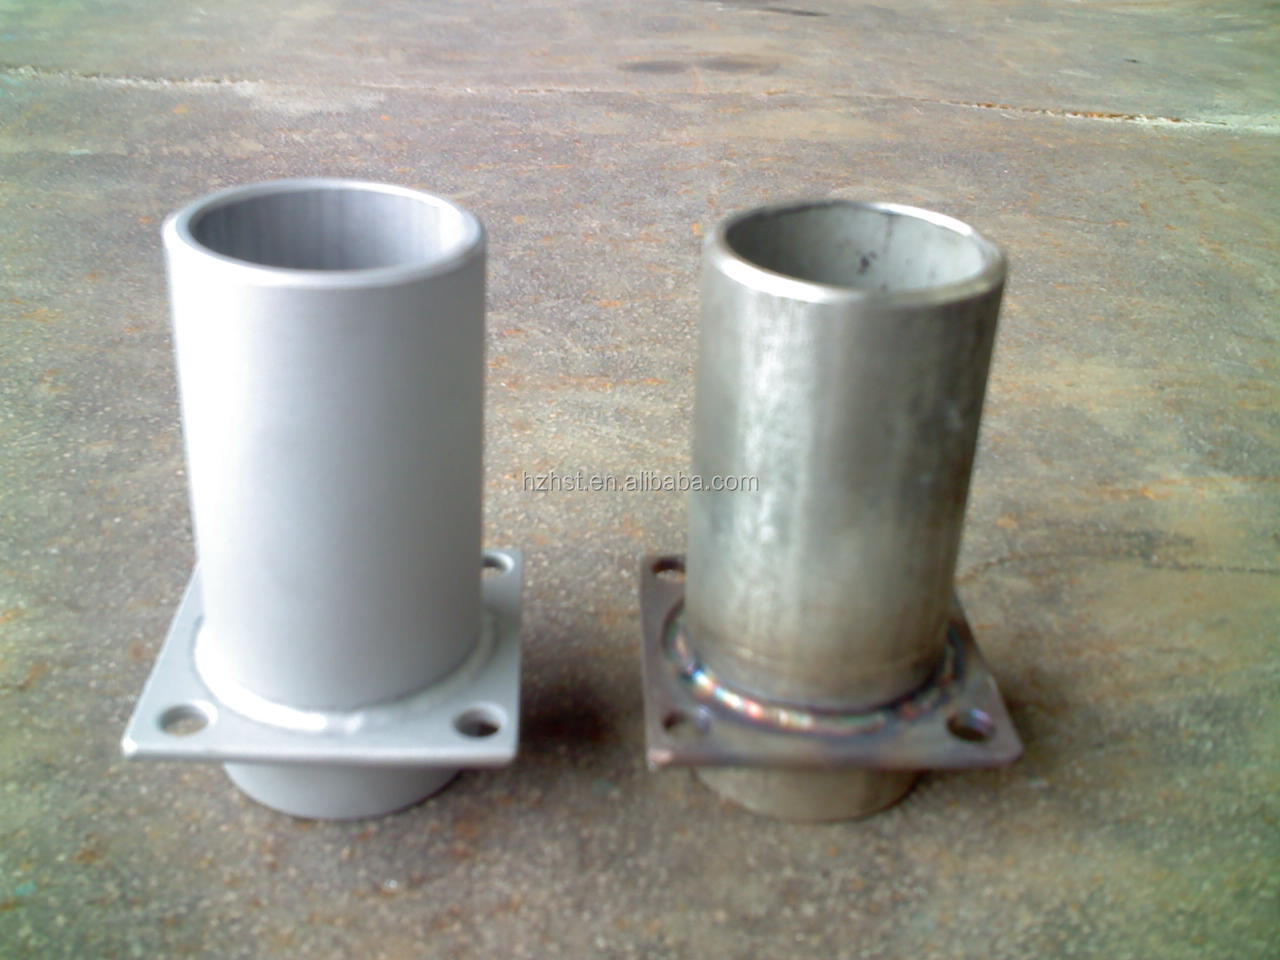 Popular Stainless Steel Shot Blasting Abrasive For -3540